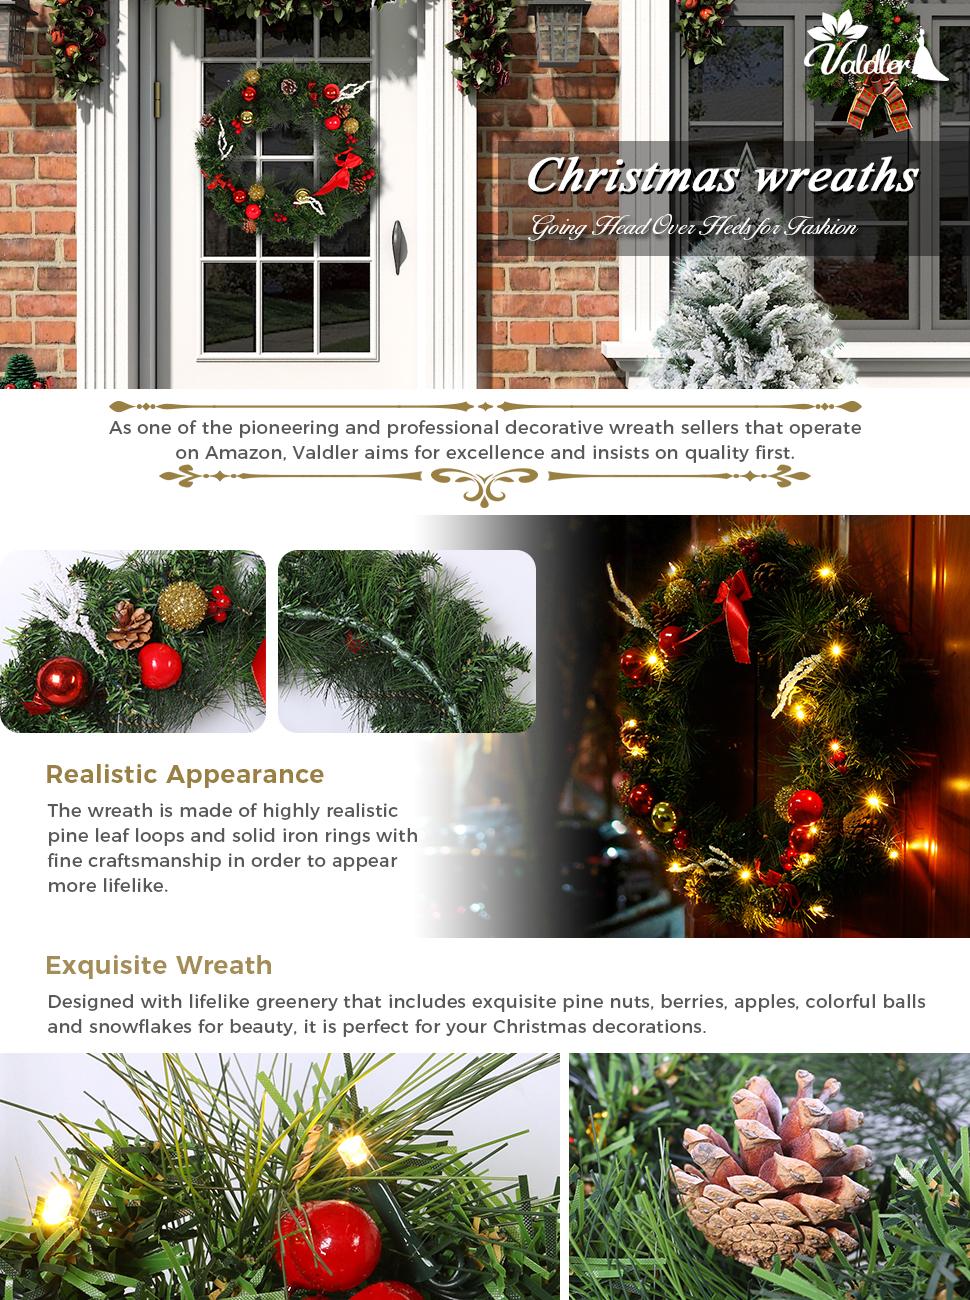 Amazon.com: Valdler 22 Inch Christmas Front Door Wreath with Spruce ...